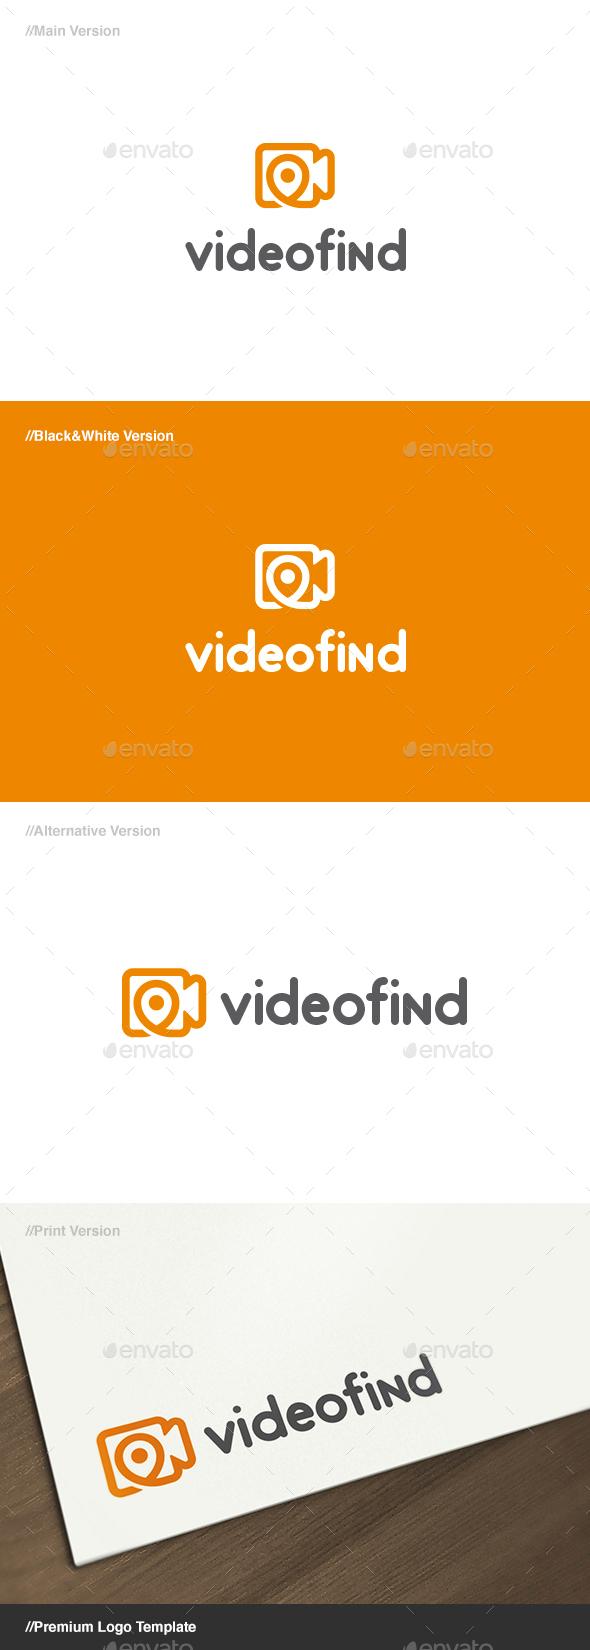 Video Find Logo